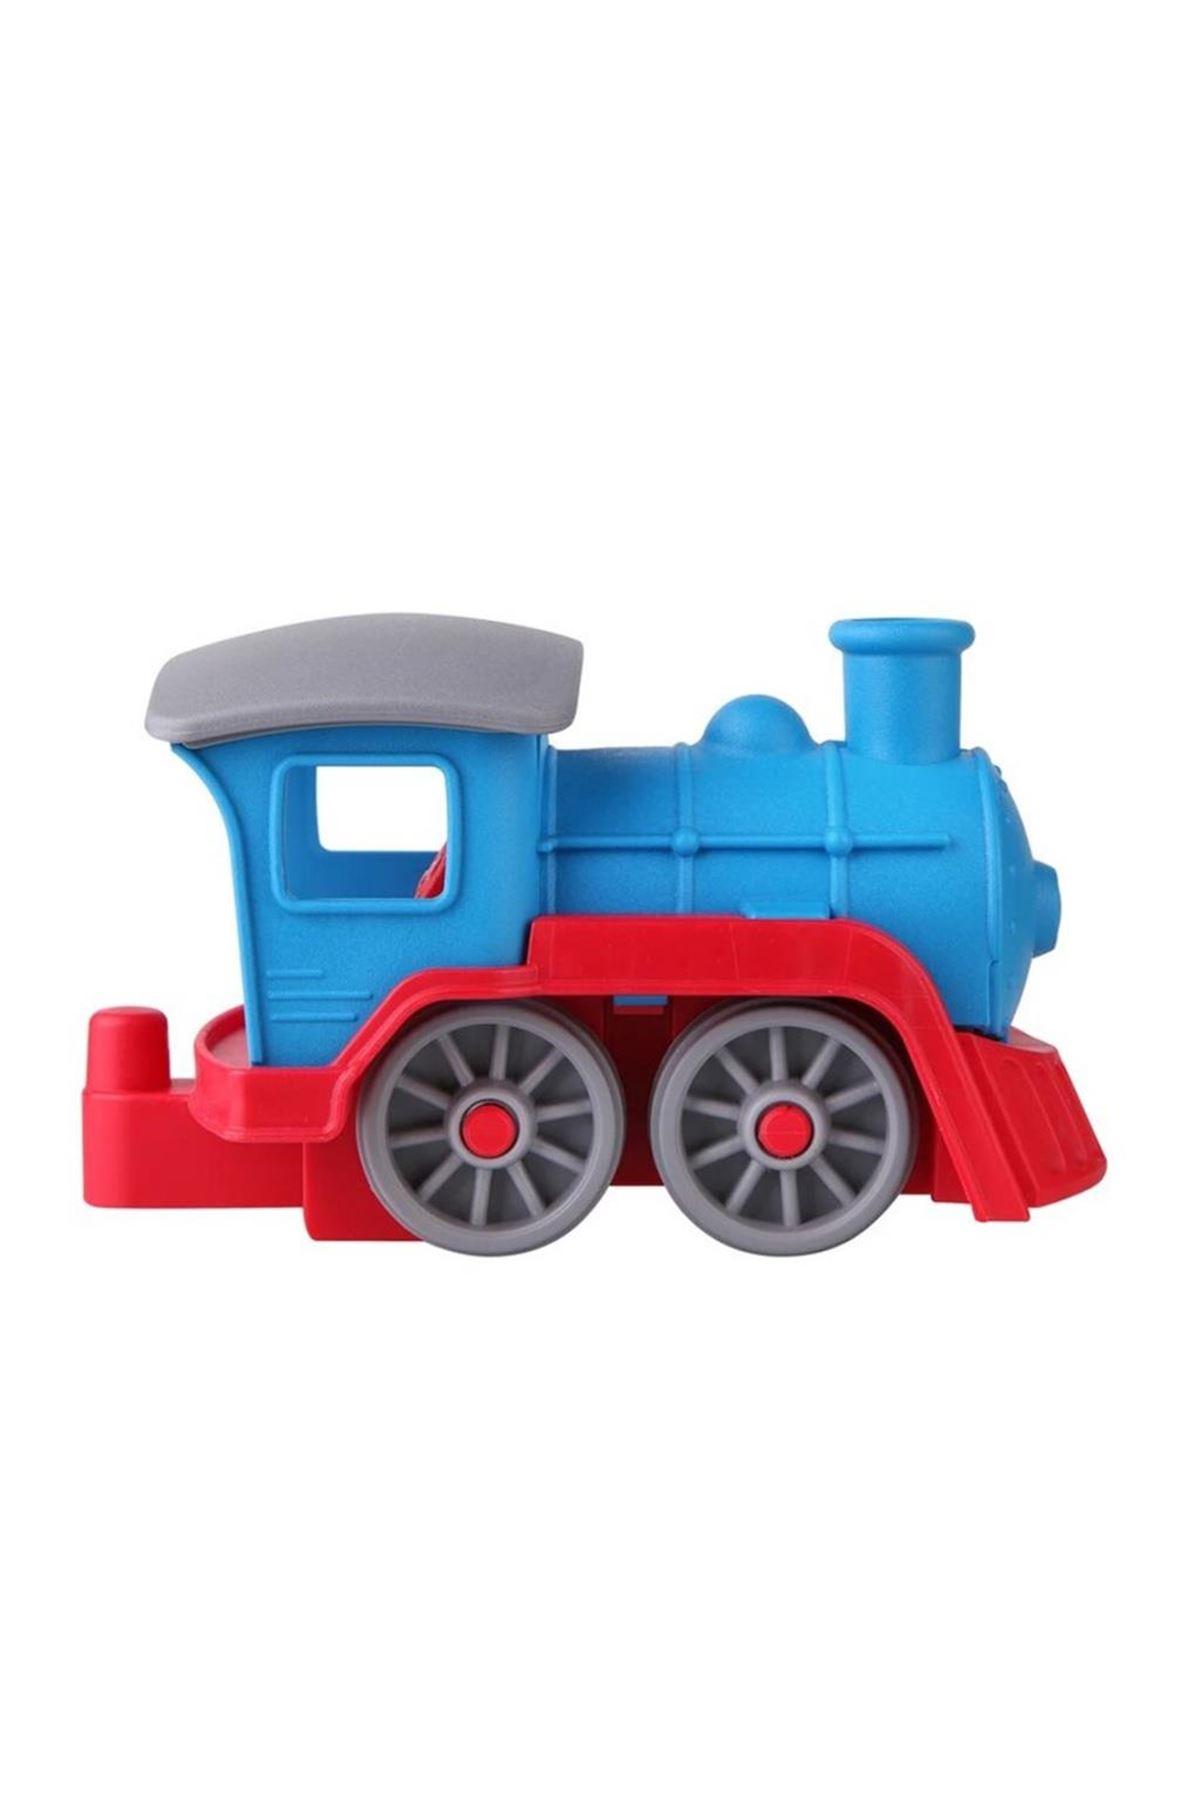 Enfal Oyuncak LC Tren Lokomotif LC-30816